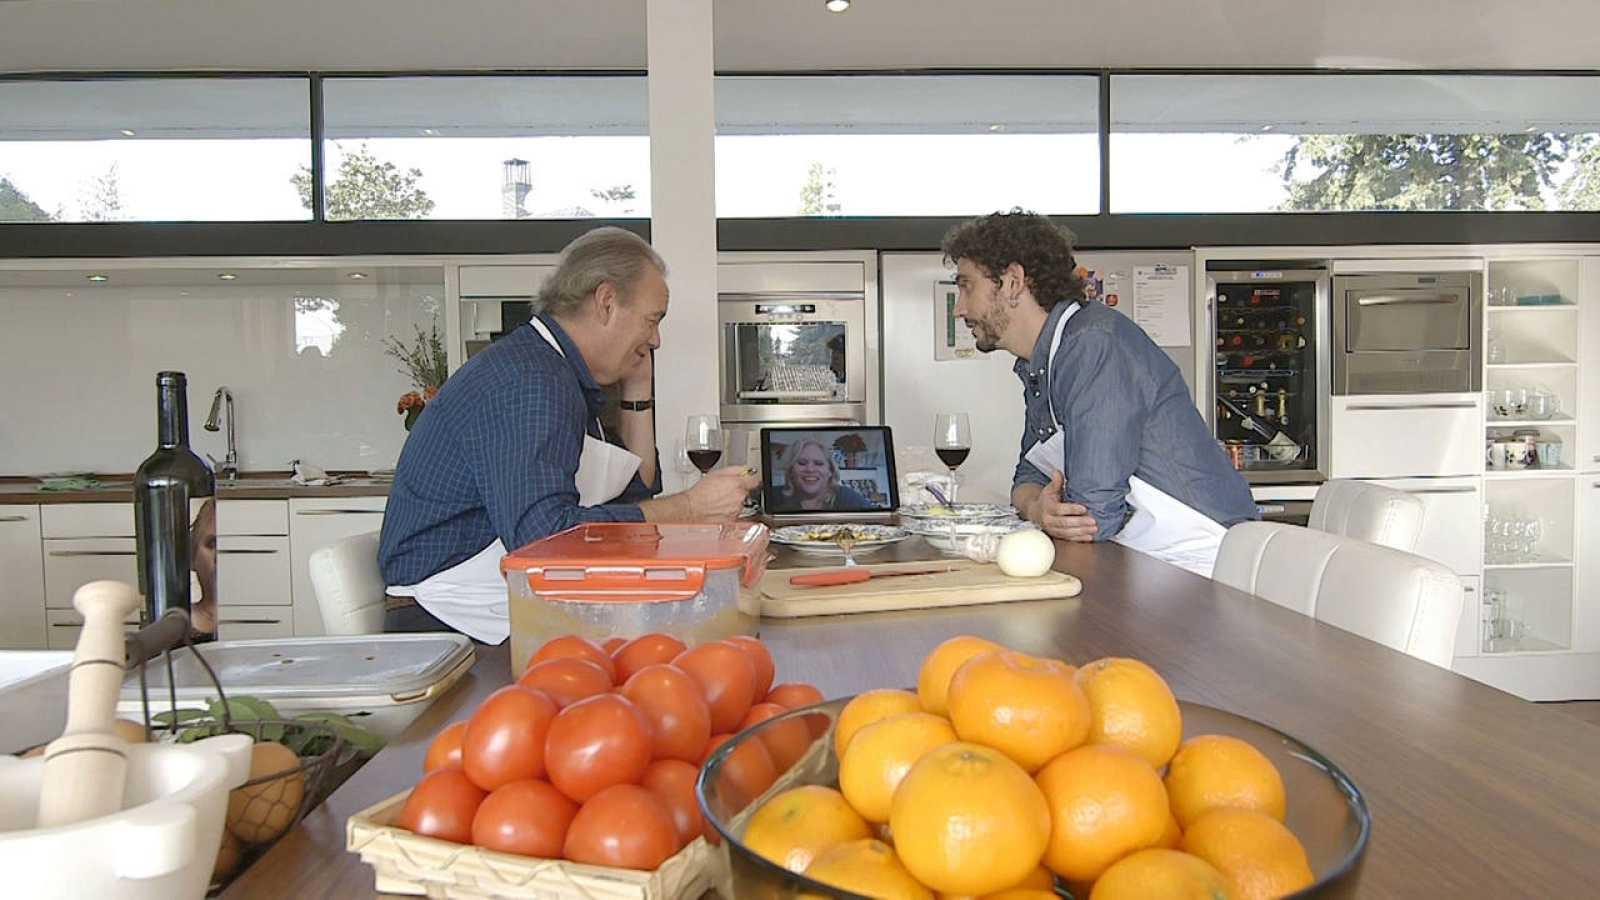 Paco León y Bertín Osborne seguirán en la cocina los consejos de la madre del invitado, Carmina Barrios